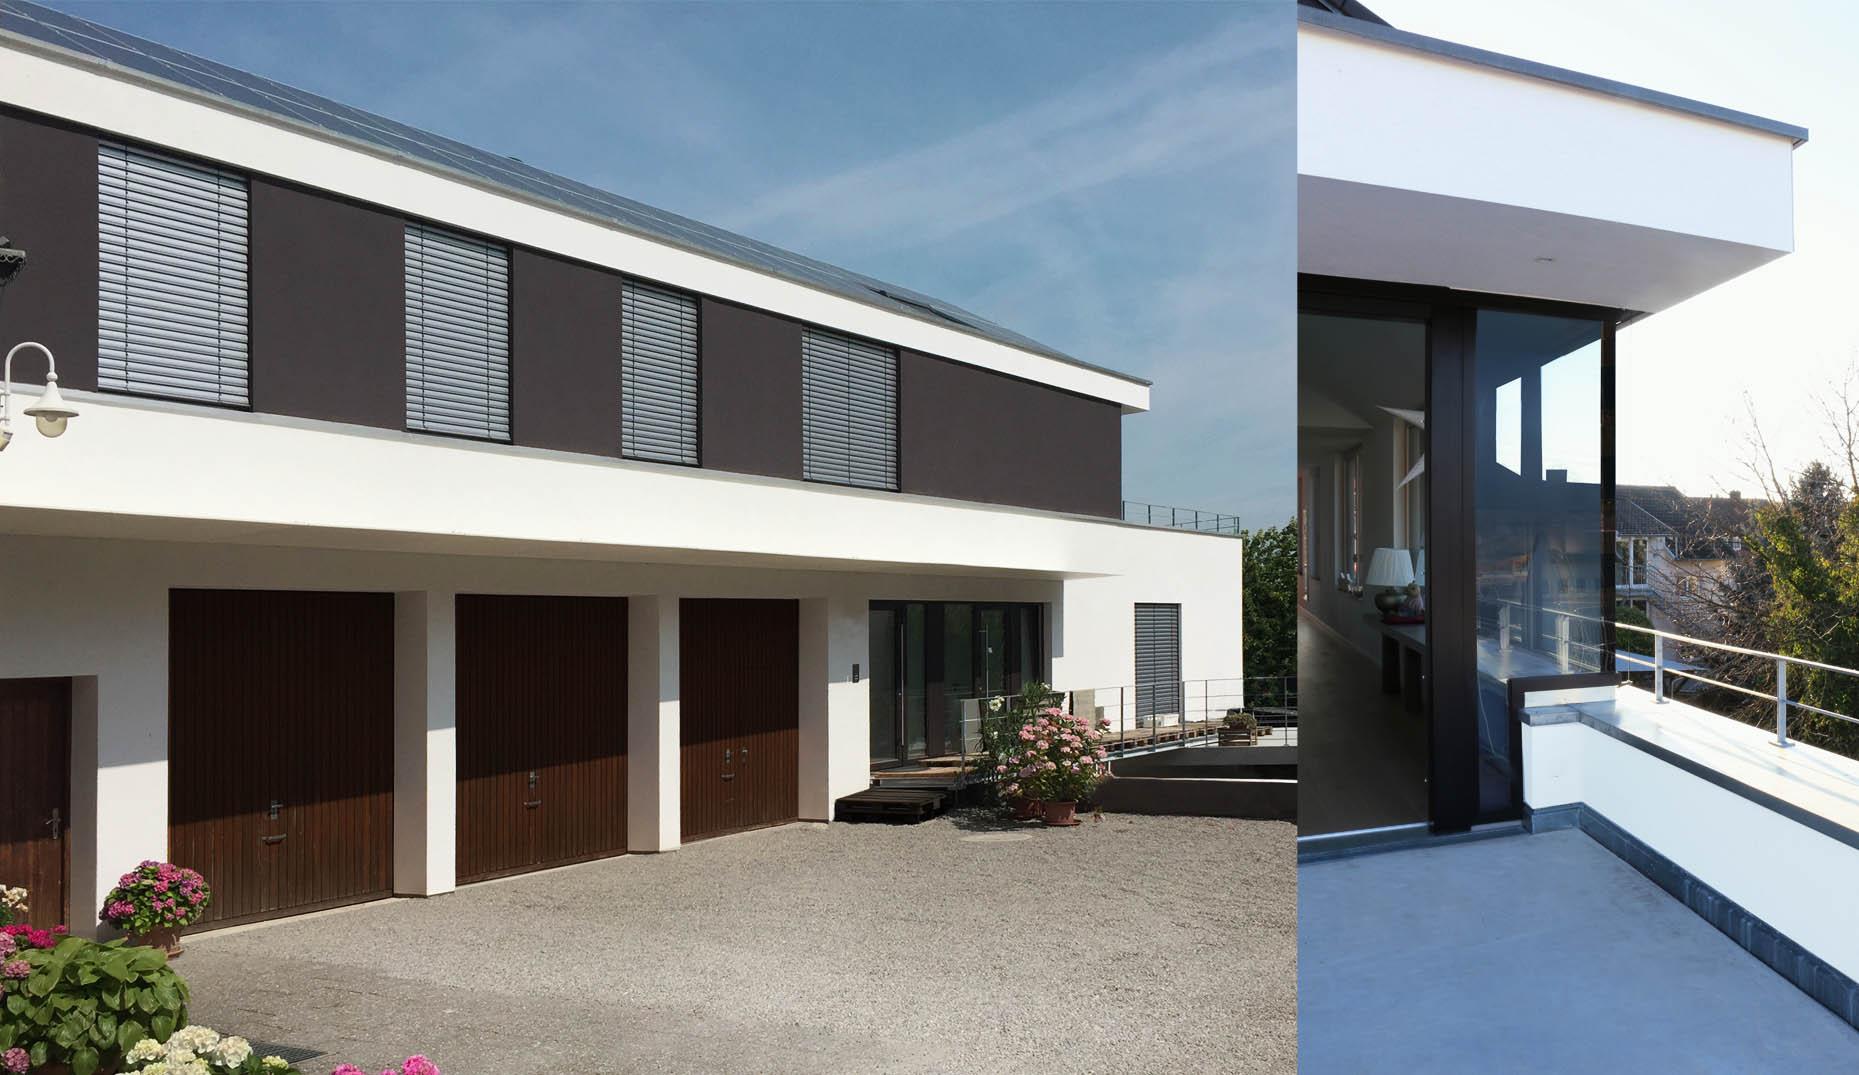 moderner umbau sennrich und schneider gmbb. Black Bedroom Furniture Sets. Home Design Ideas